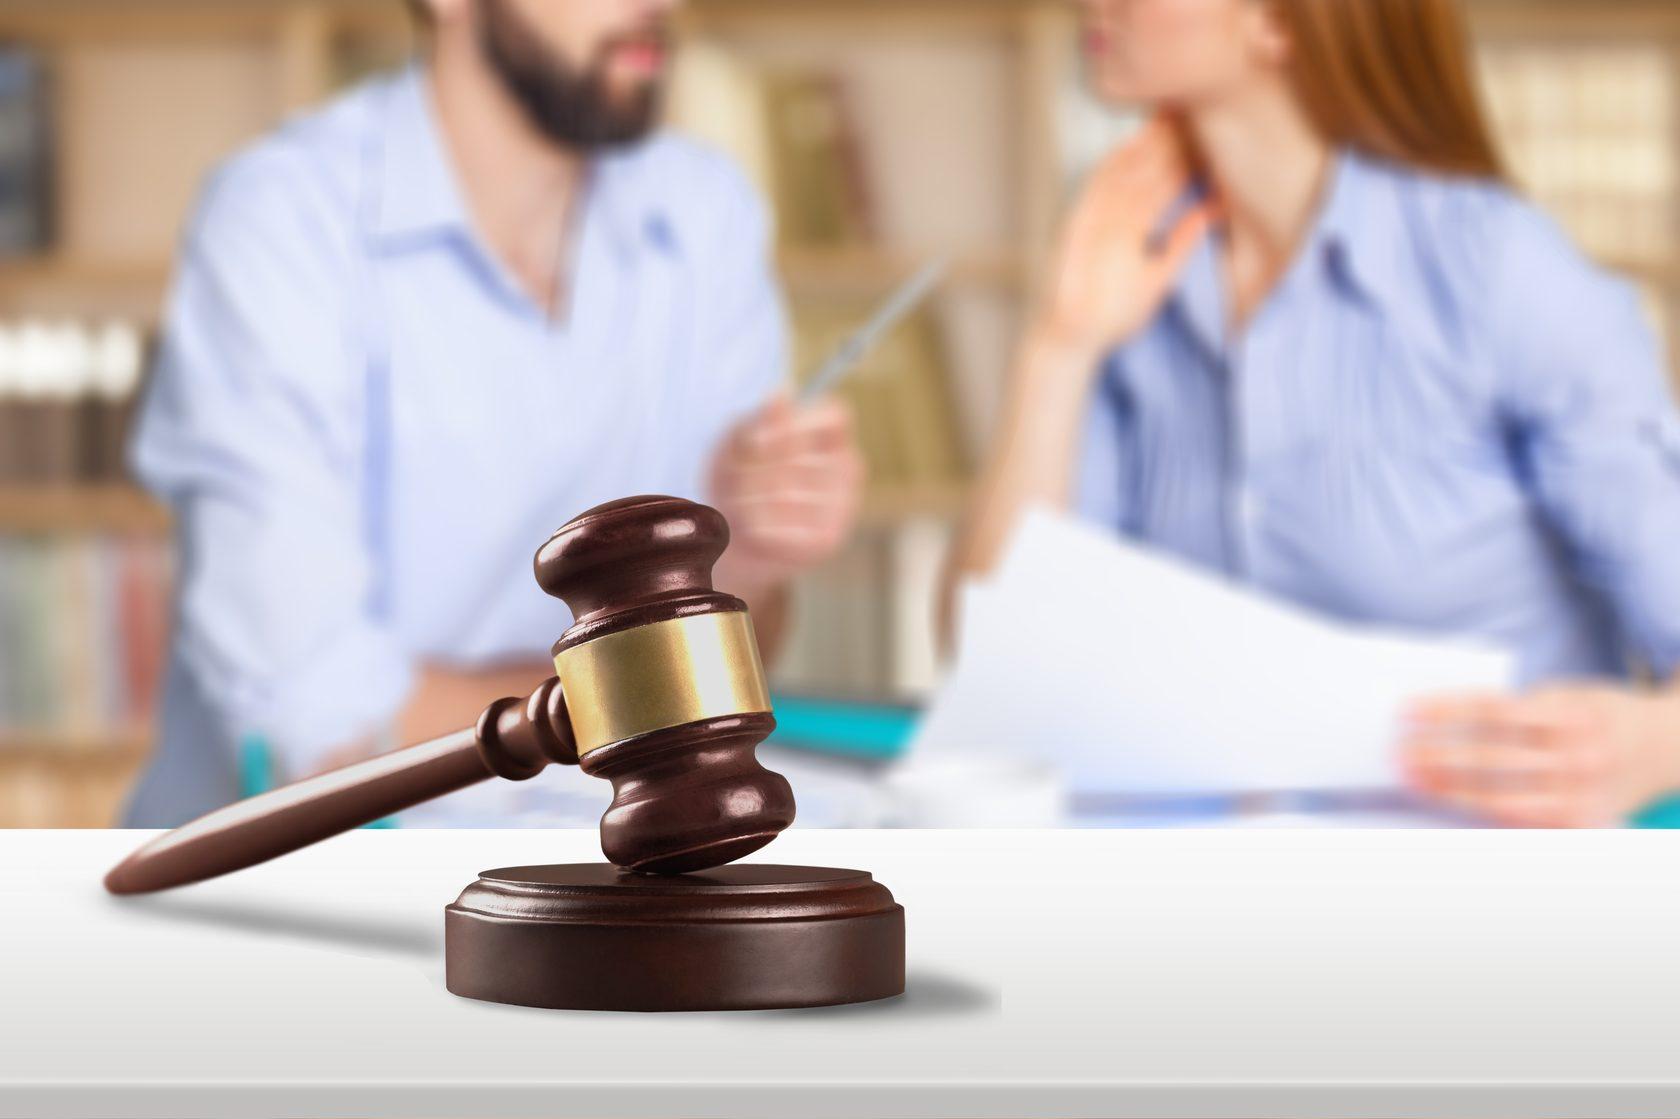 юридическая консультация по разводу